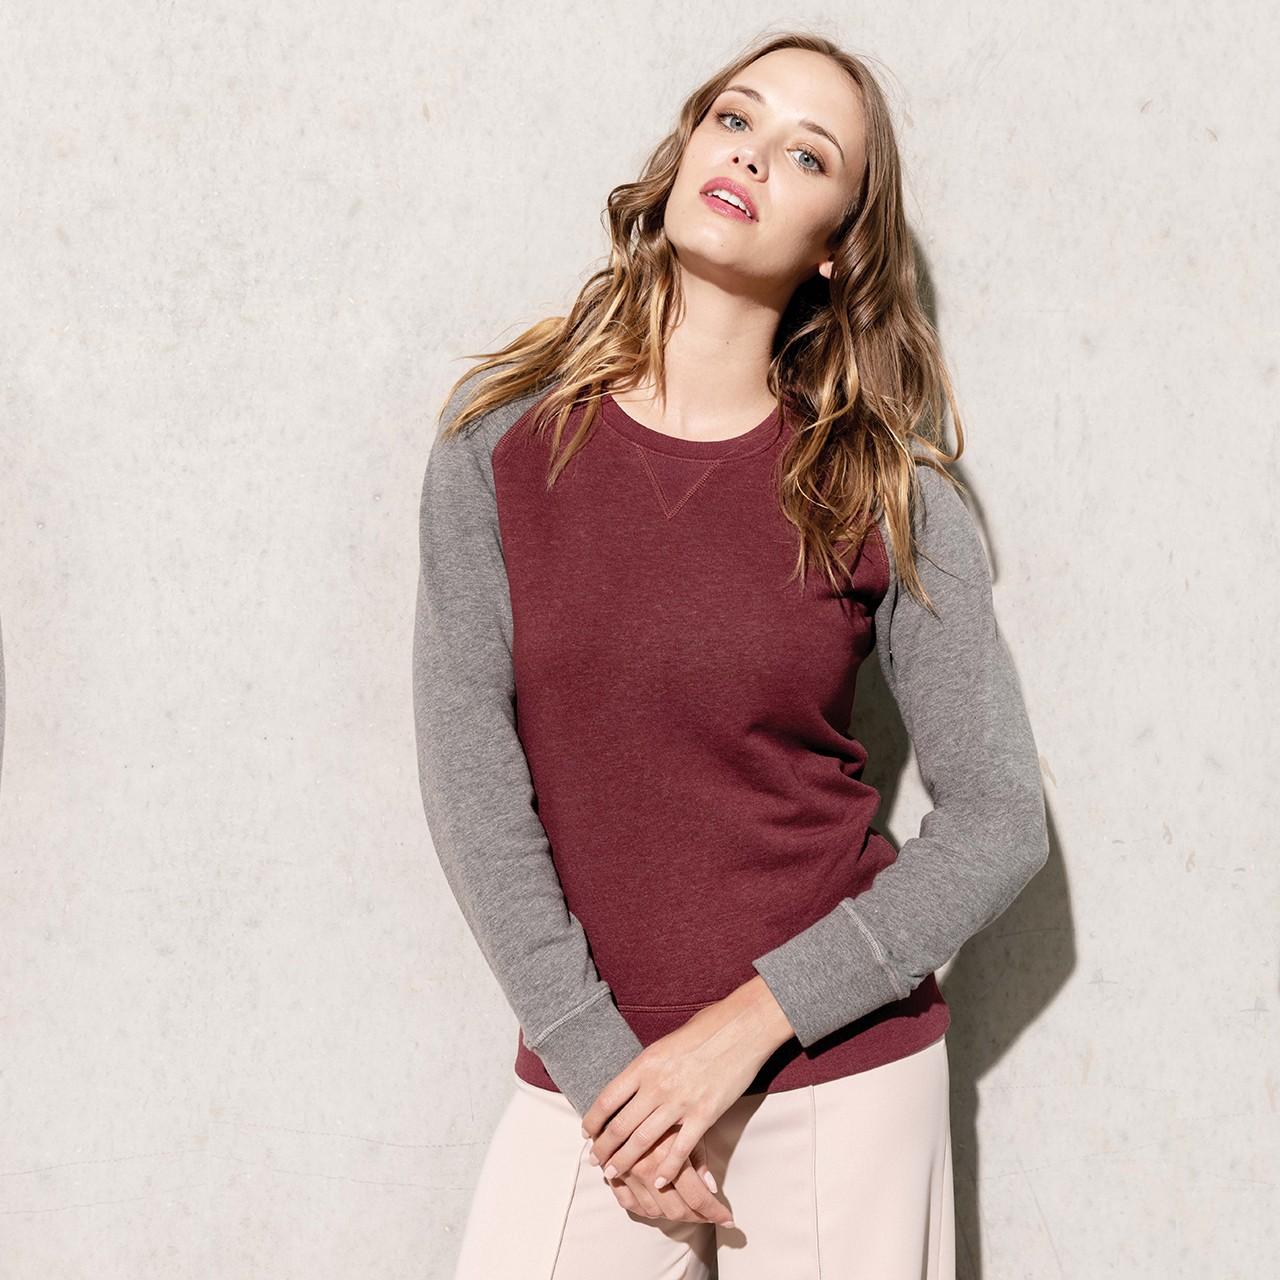 Damen Sweathshirt Zweifarbig aus Bio-Baumwolle Kariban® | bedrucken, besticken, bedrucken lassen, besticken lassen, mit Logo |